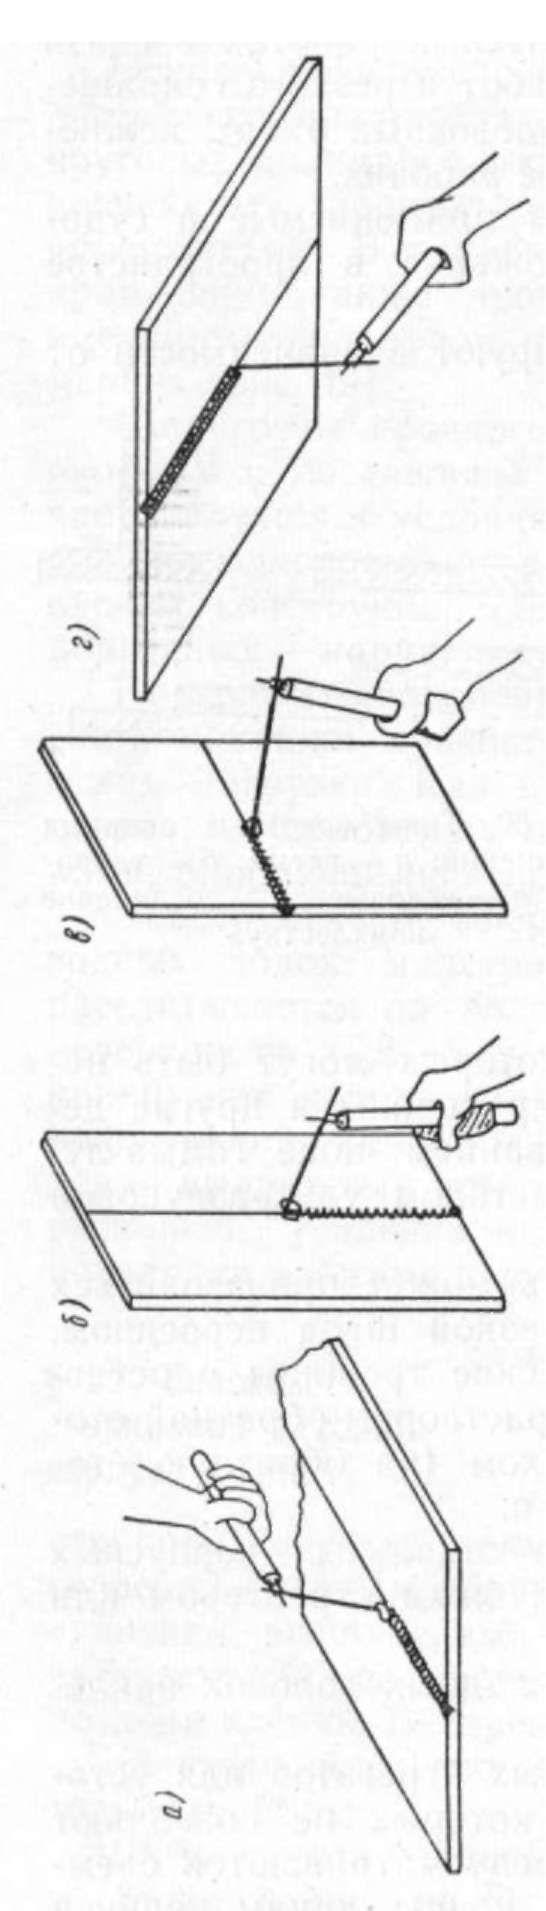 конструктивный мидель шпангоут сухогруза схема